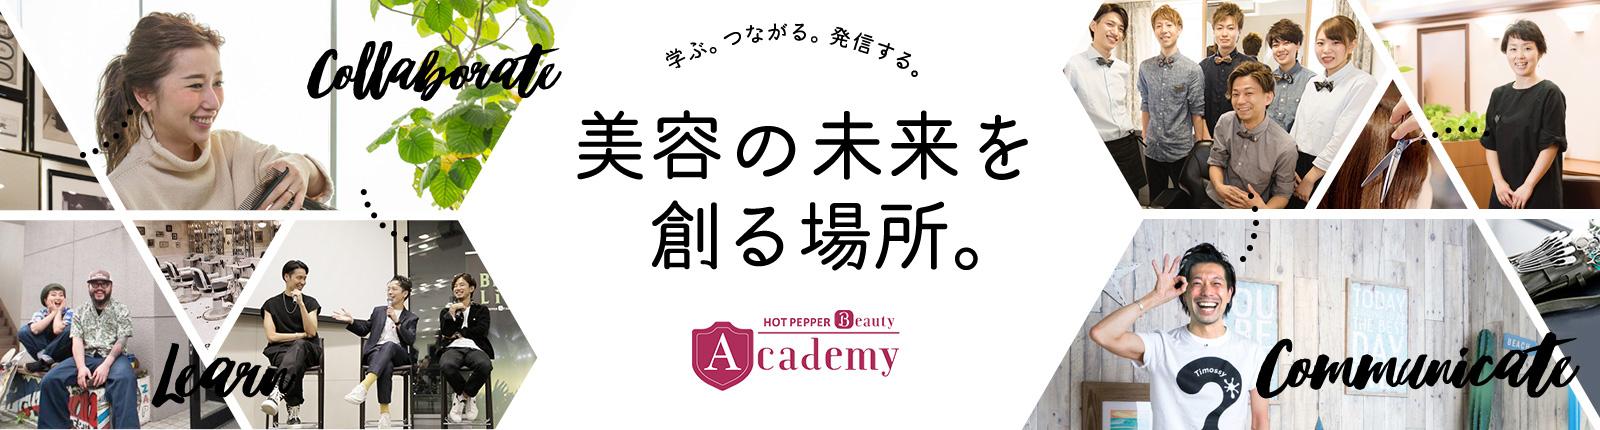 学ぶ。つながる。発信する。美容の未来を創る場所。ホットペッパービューティアカデミー